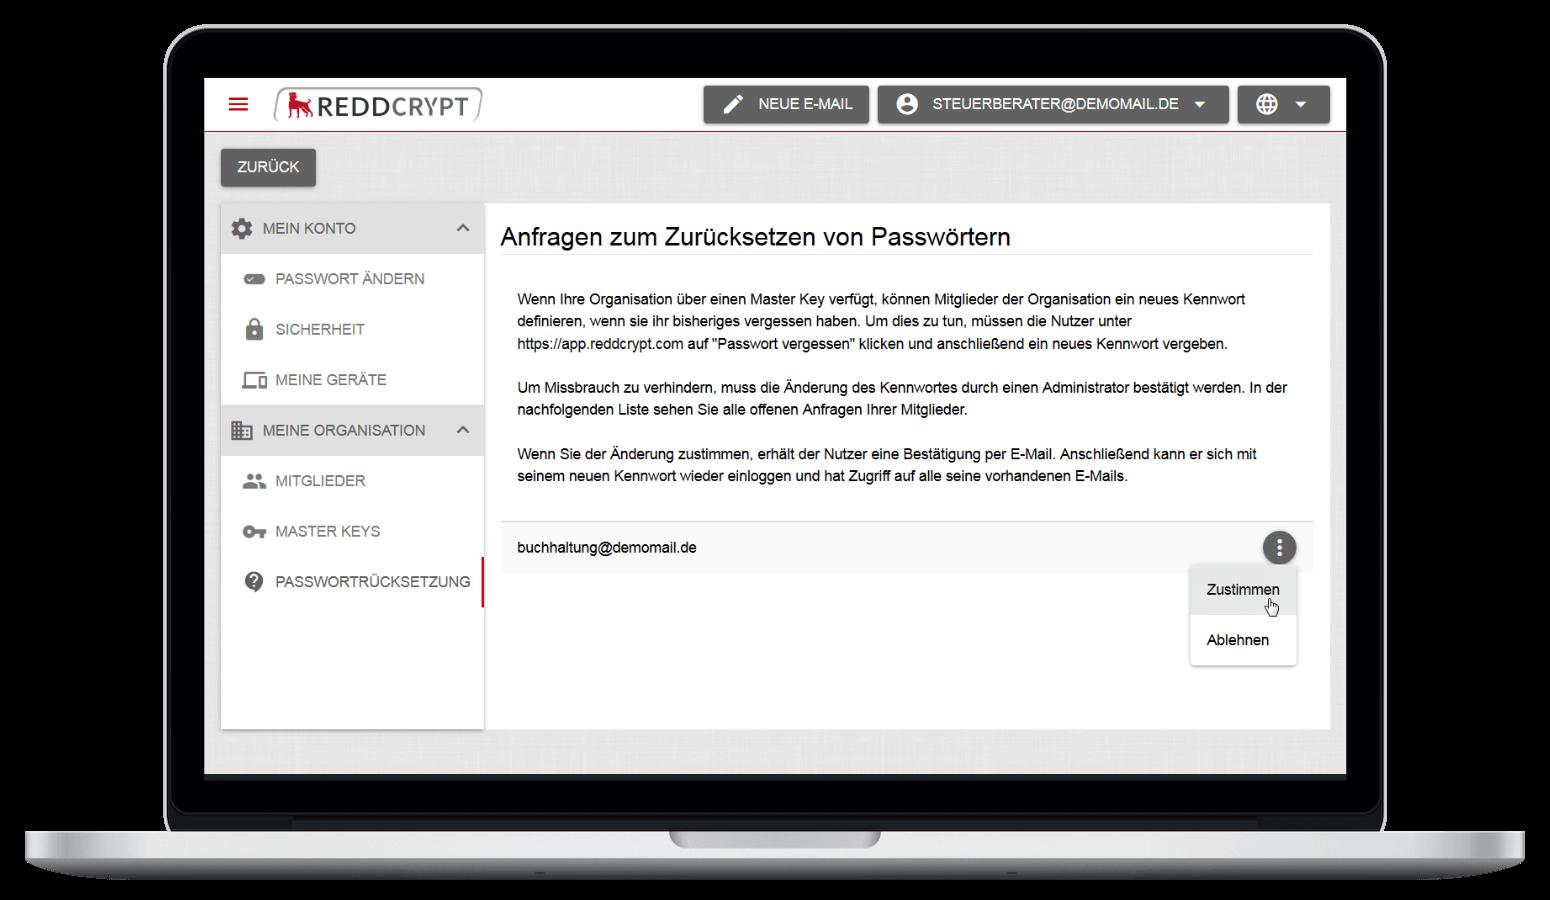 Mit Hilfe des Master Keys können bei REDDCRYPT Business die Kennwörter der Nutzer zurückgesetzt werden, ohne den Zugriff auf alte E-Mails zu verlieren